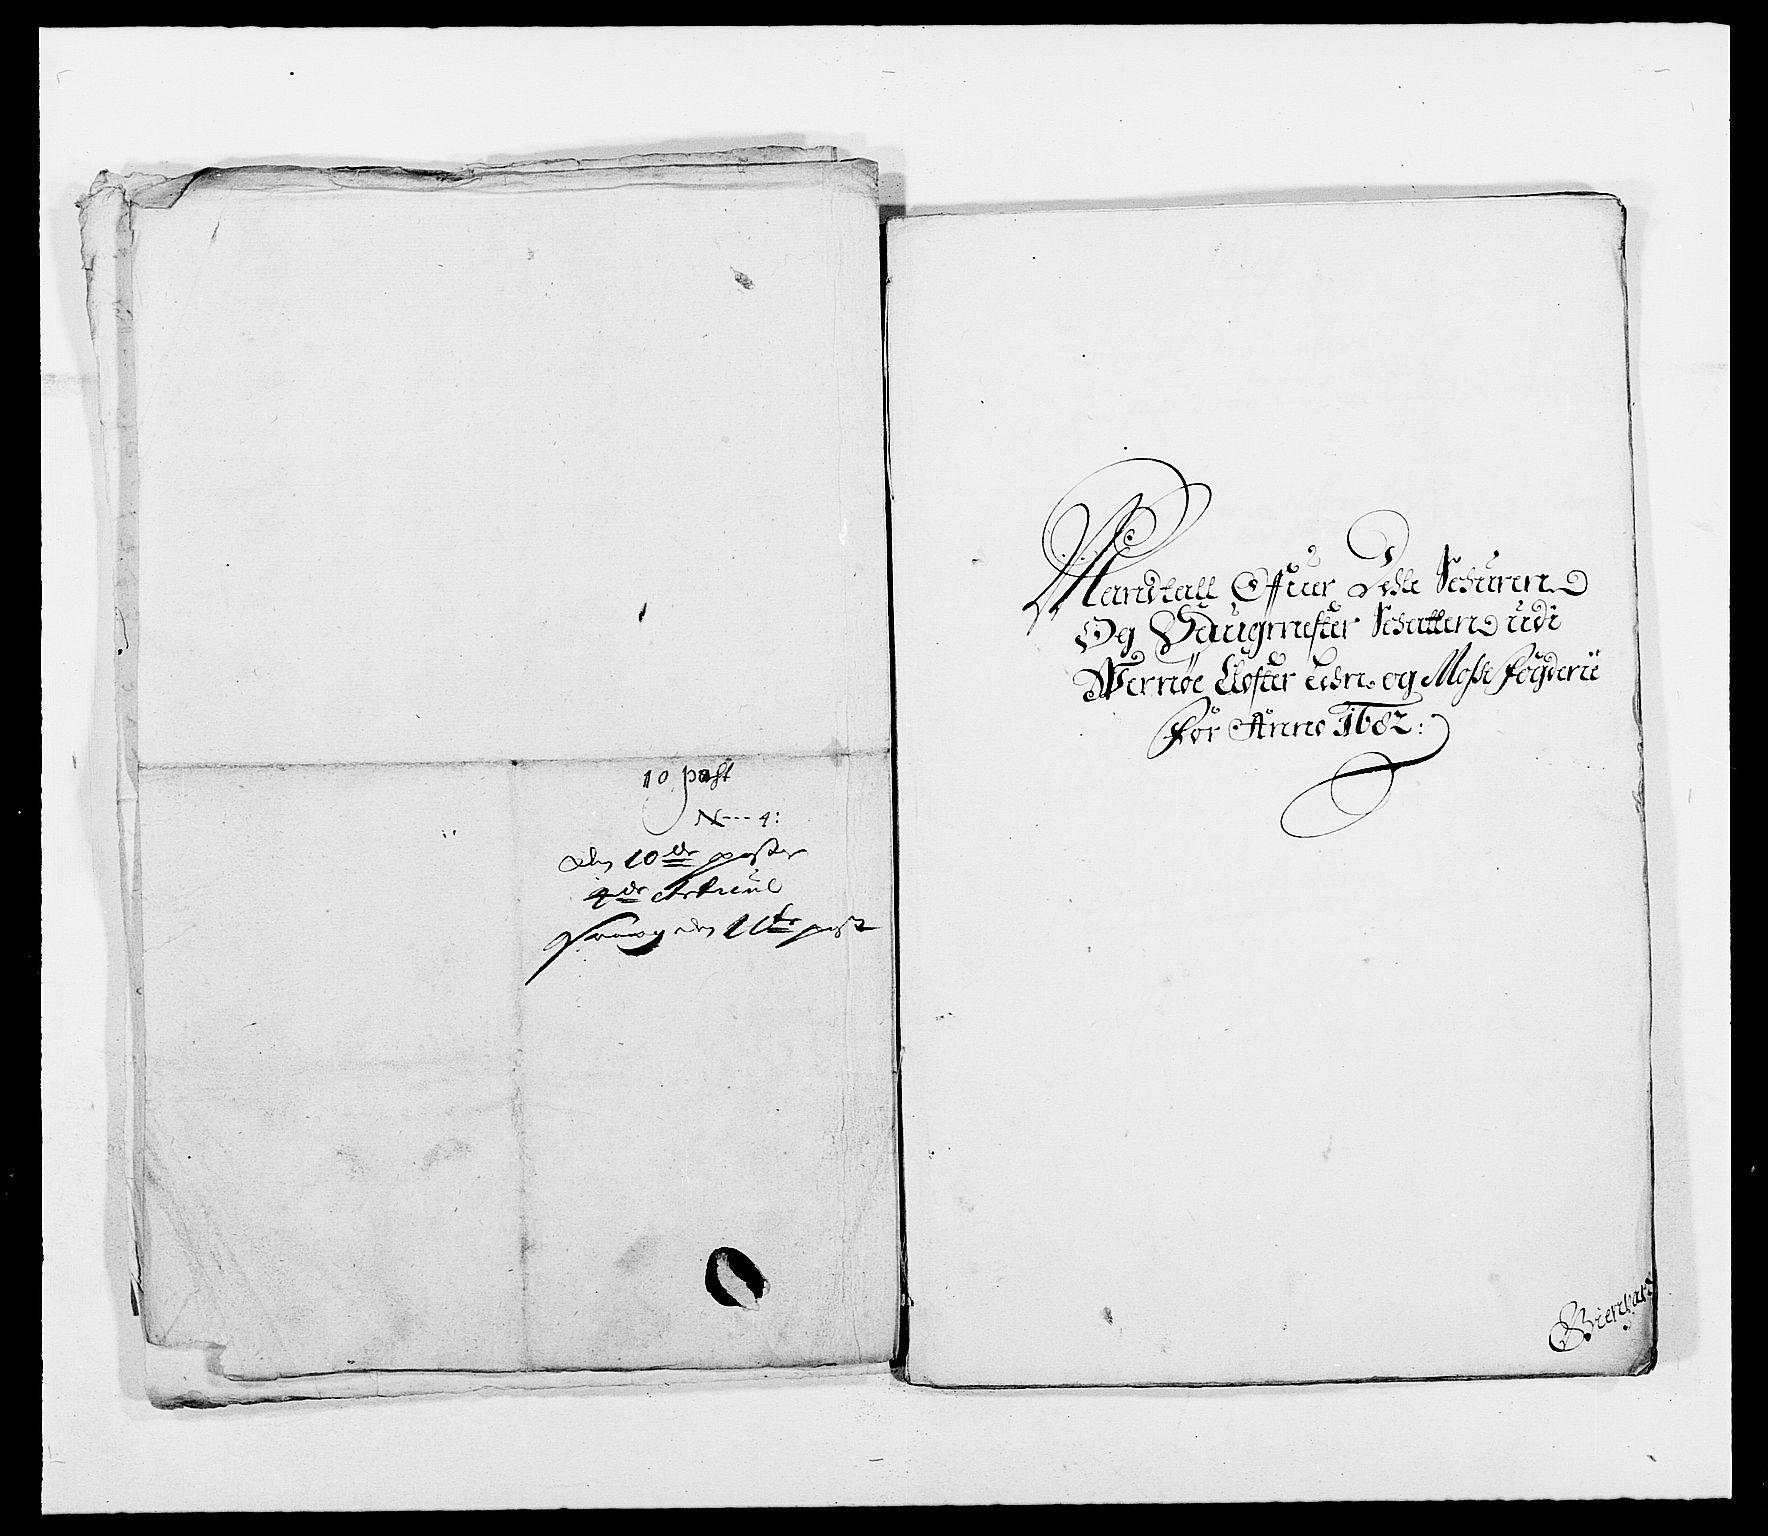 RA, Rentekammeret inntil 1814, Reviderte regnskaper, Fogderegnskap, R02/L0104: Fogderegnskap Moss og Verne kloster, 1682-1684, s. 287